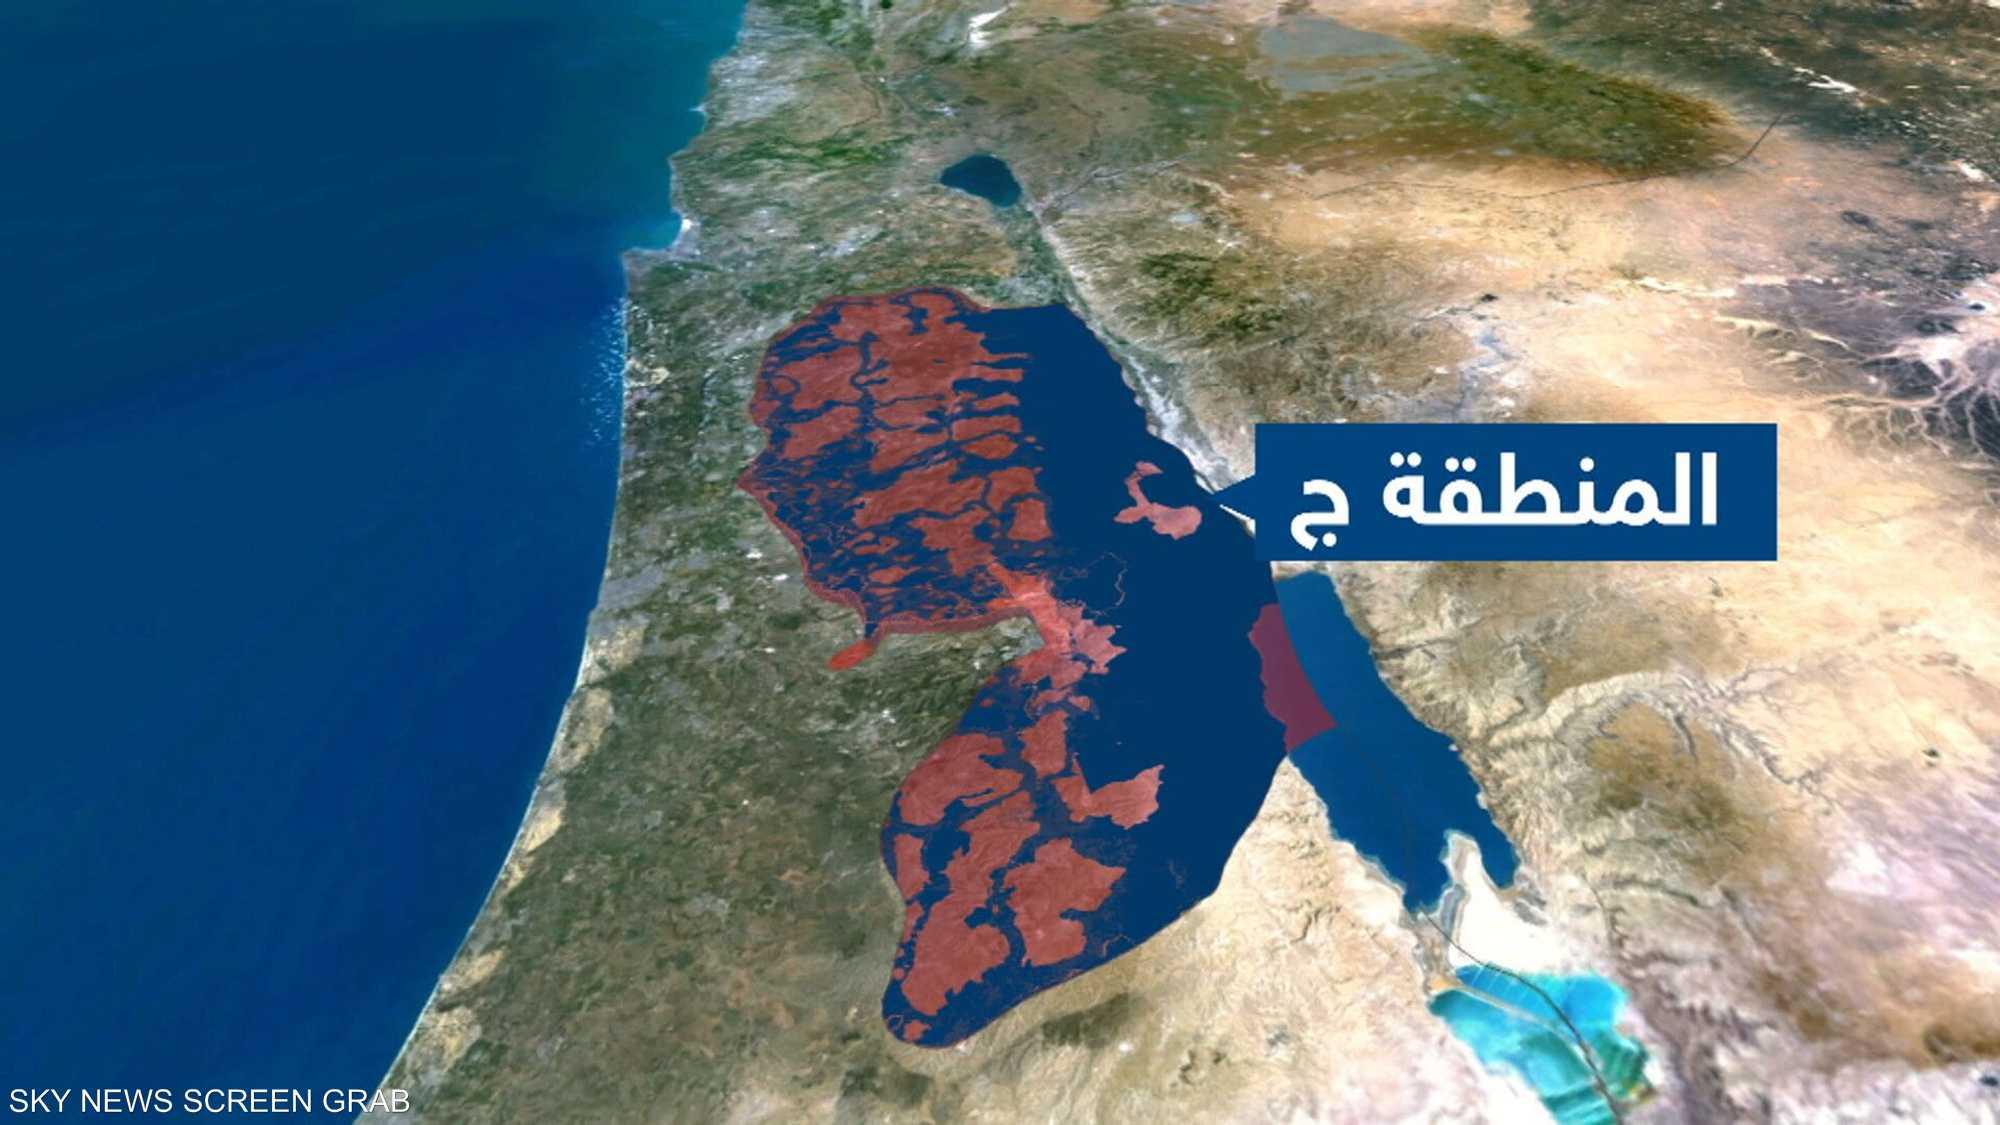 ترقّب لإنطلاق النقاش الإسرائيلي بشأن مخططات الضمّ في الضفة